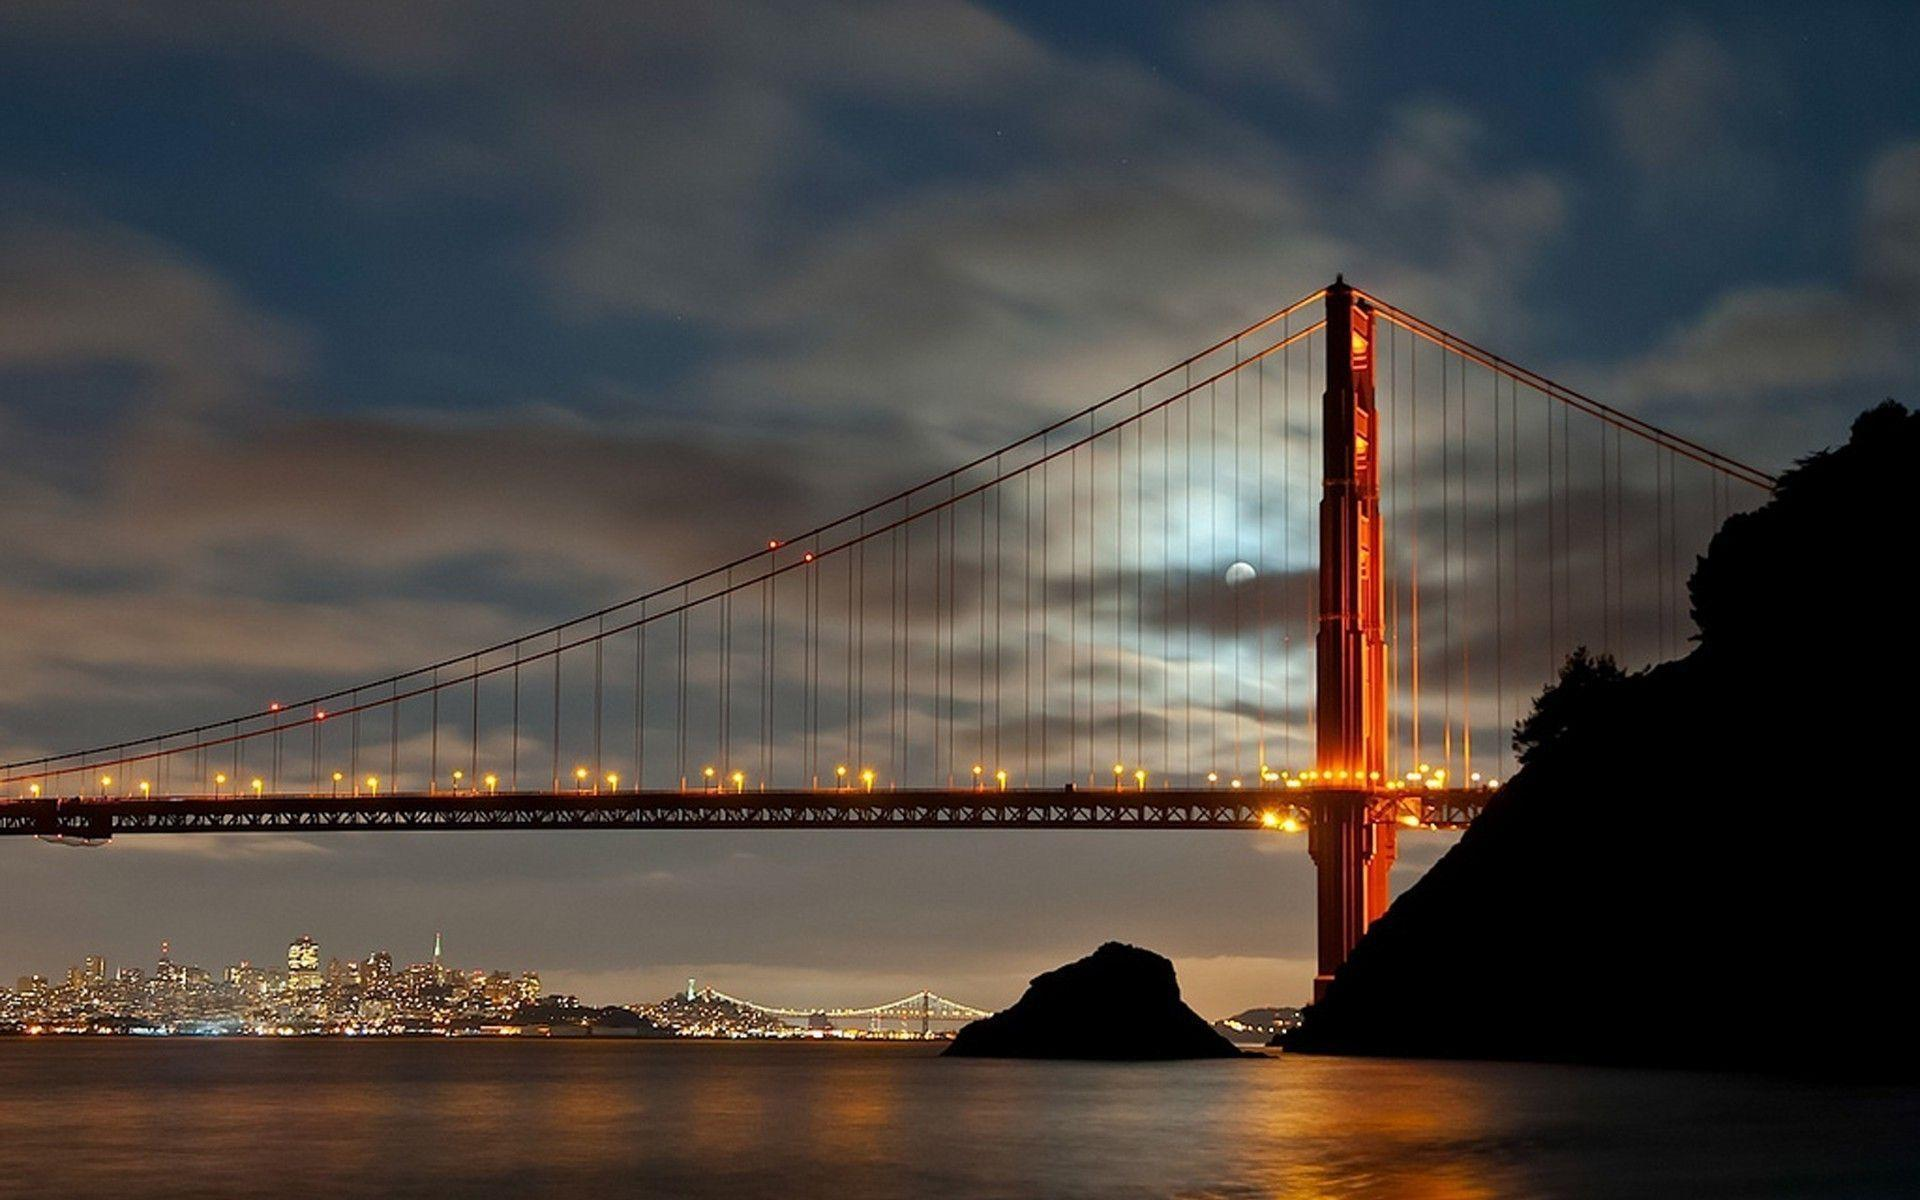 Golden Gate Bridge HD Wallpapers - HD Wallpapers Inn